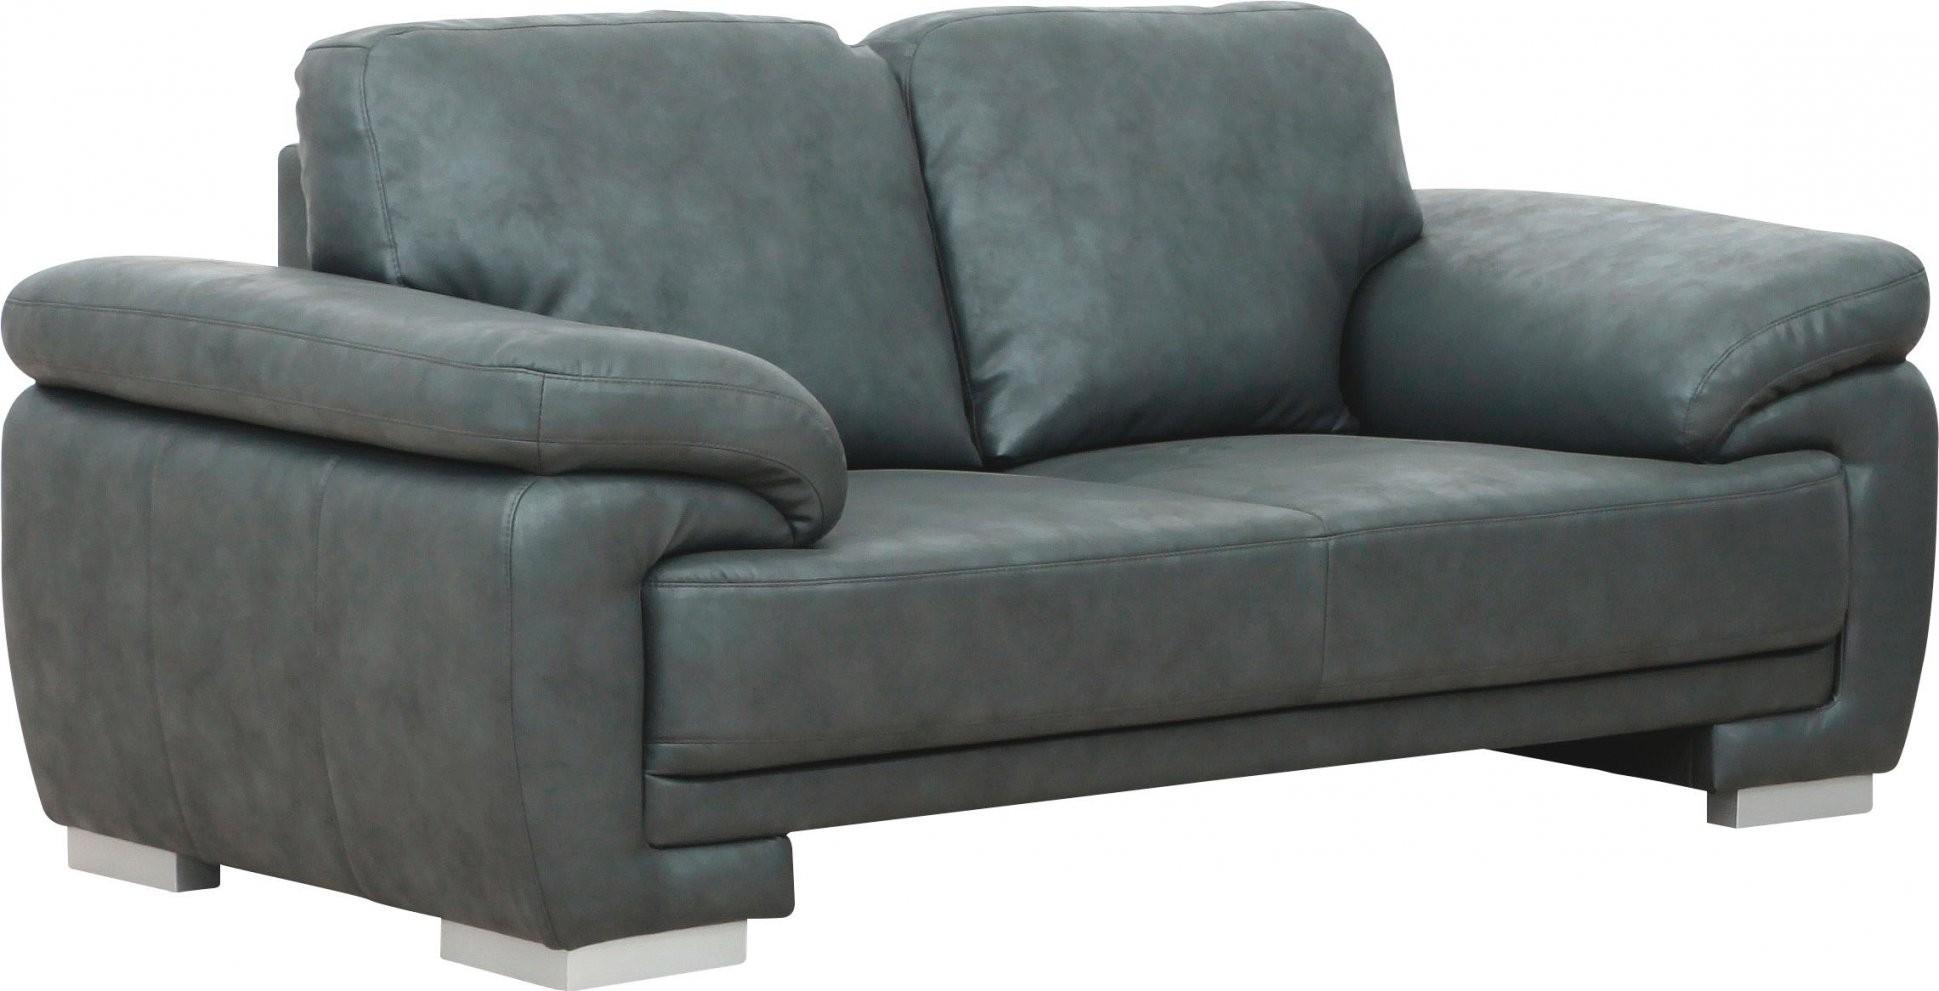 Polstergarnituren  2 25 & 3 Sitzersofas Günstig Online Kaufen  Poco von Sofa 2 Sitzer Billig Bild